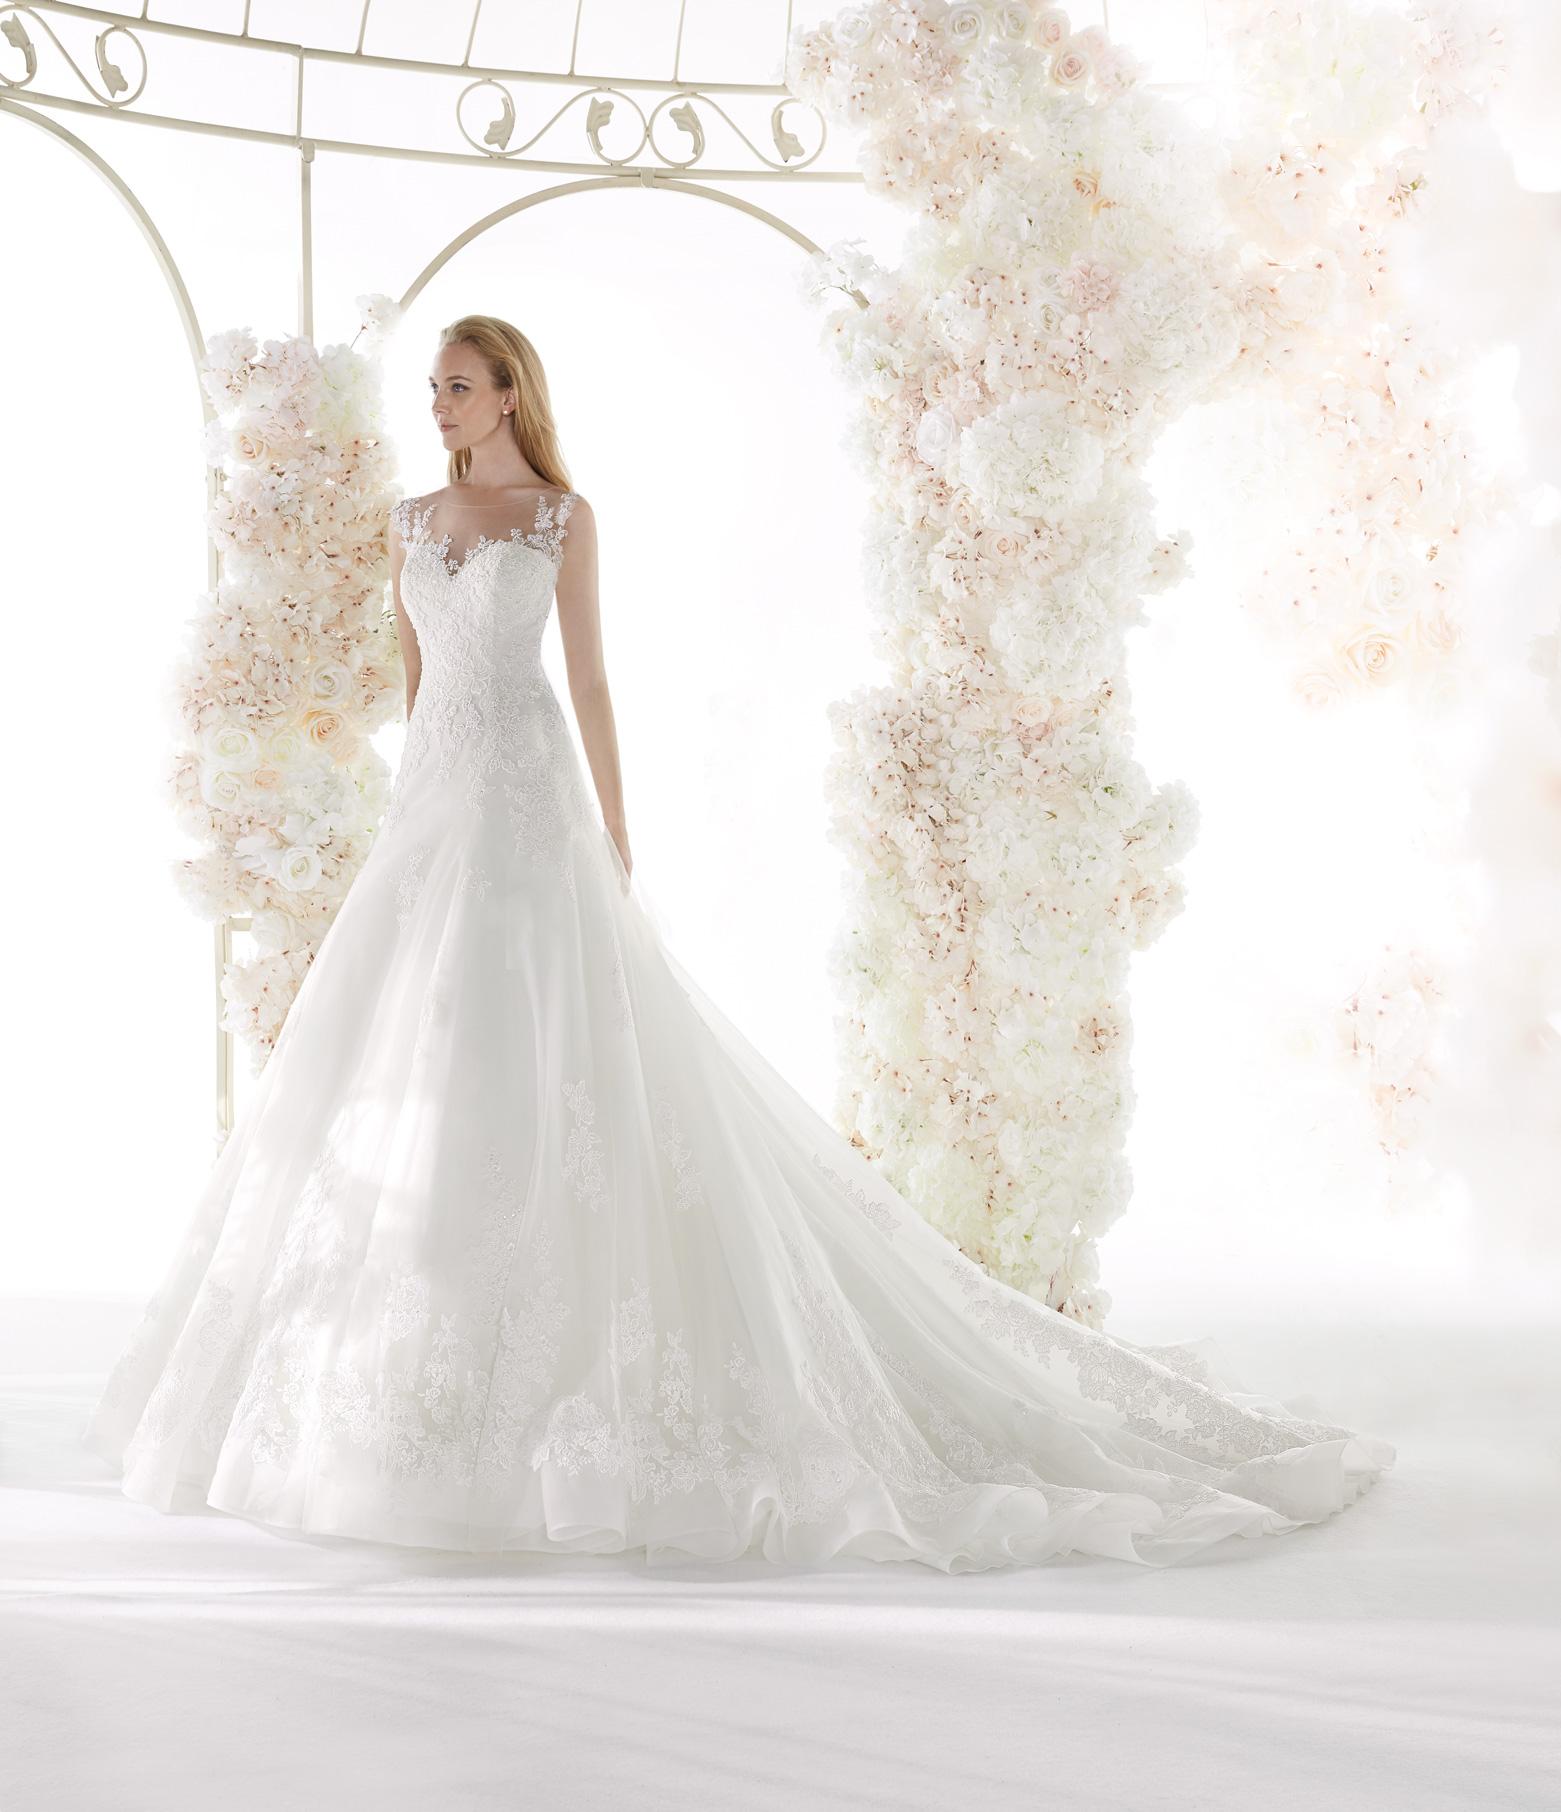 Abiti Da Sposa Vita Bassa.Abito Da Sposa Colet 2020 Coa20321 Mariages It Abiti Sposa E